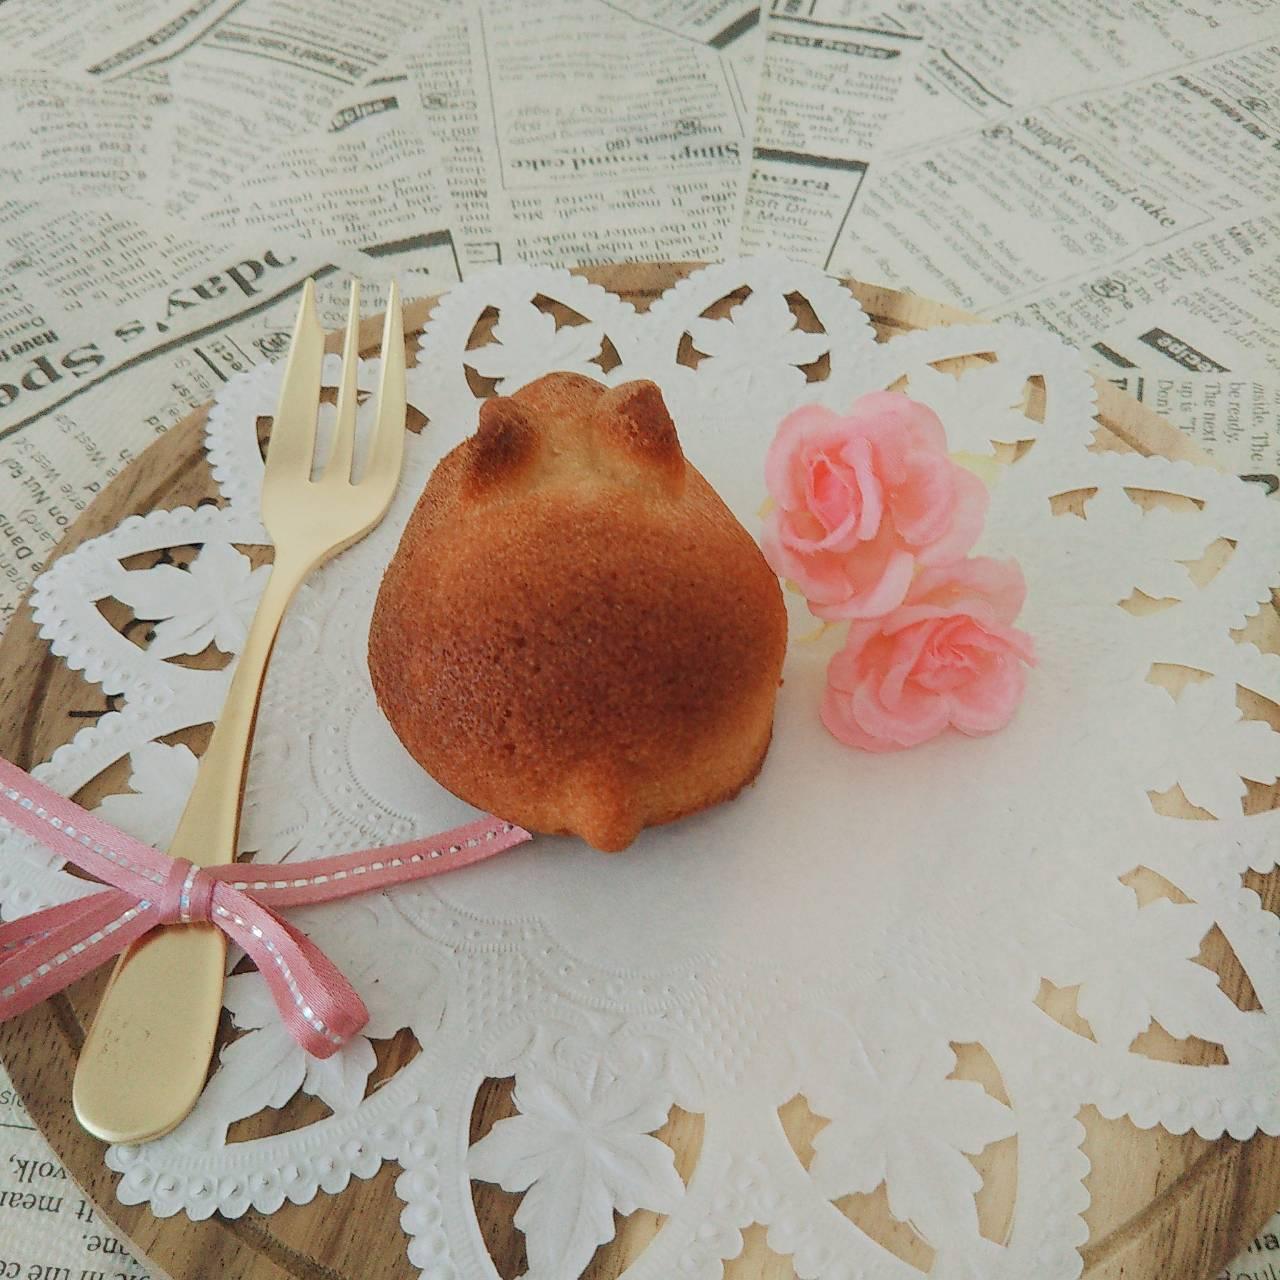 【月~金曜日発送】焼きうさぎ6羽セット(焼き菓子/フィナンシェ/お菓子ギフト)